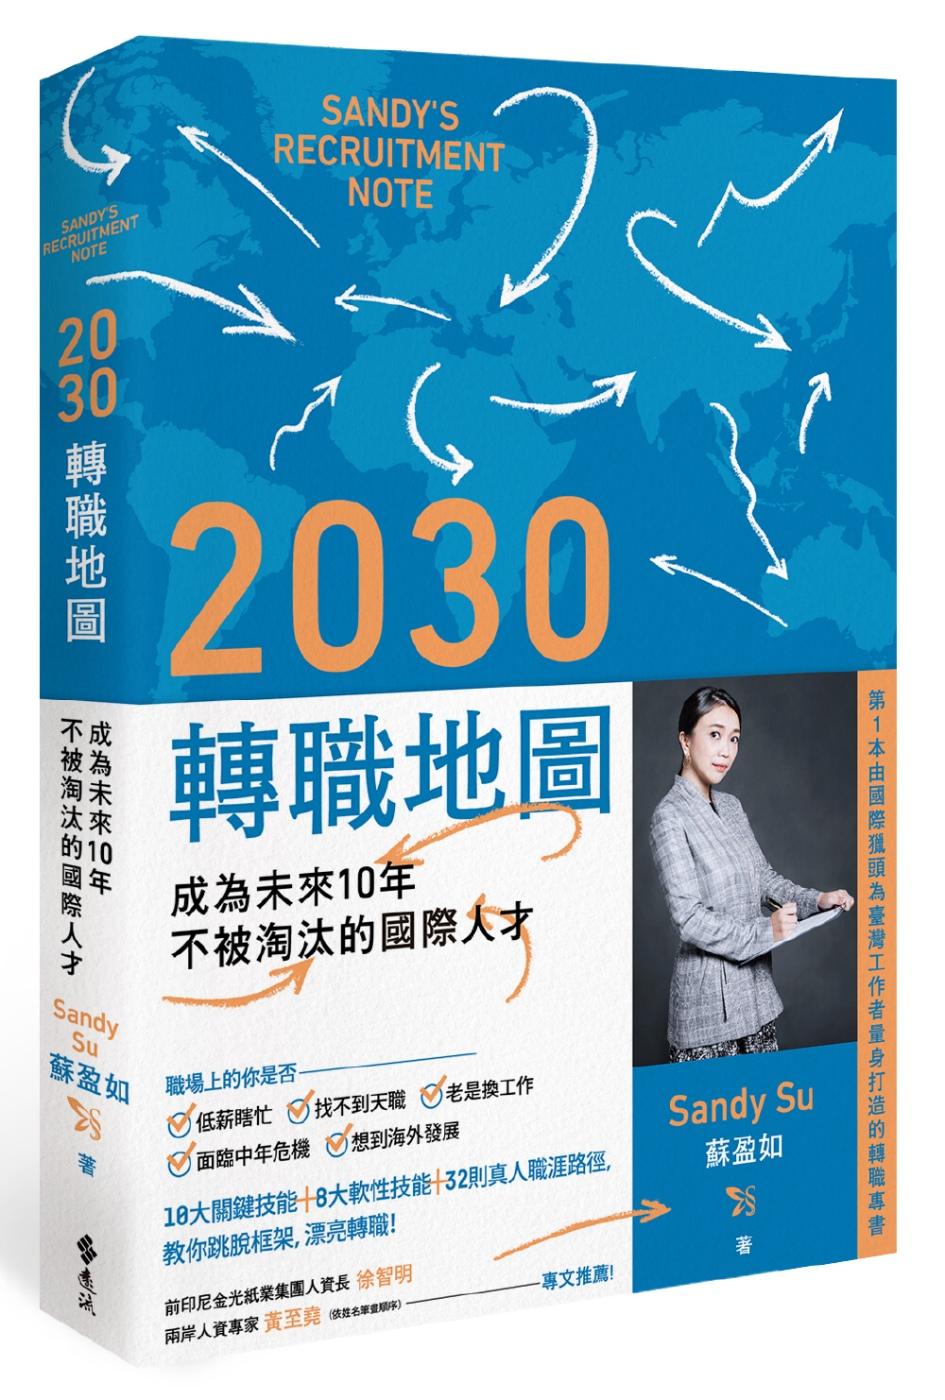 「2030轉職地圖:成為未來10年不被淘汰的國際人才」的圖片搜尋結果